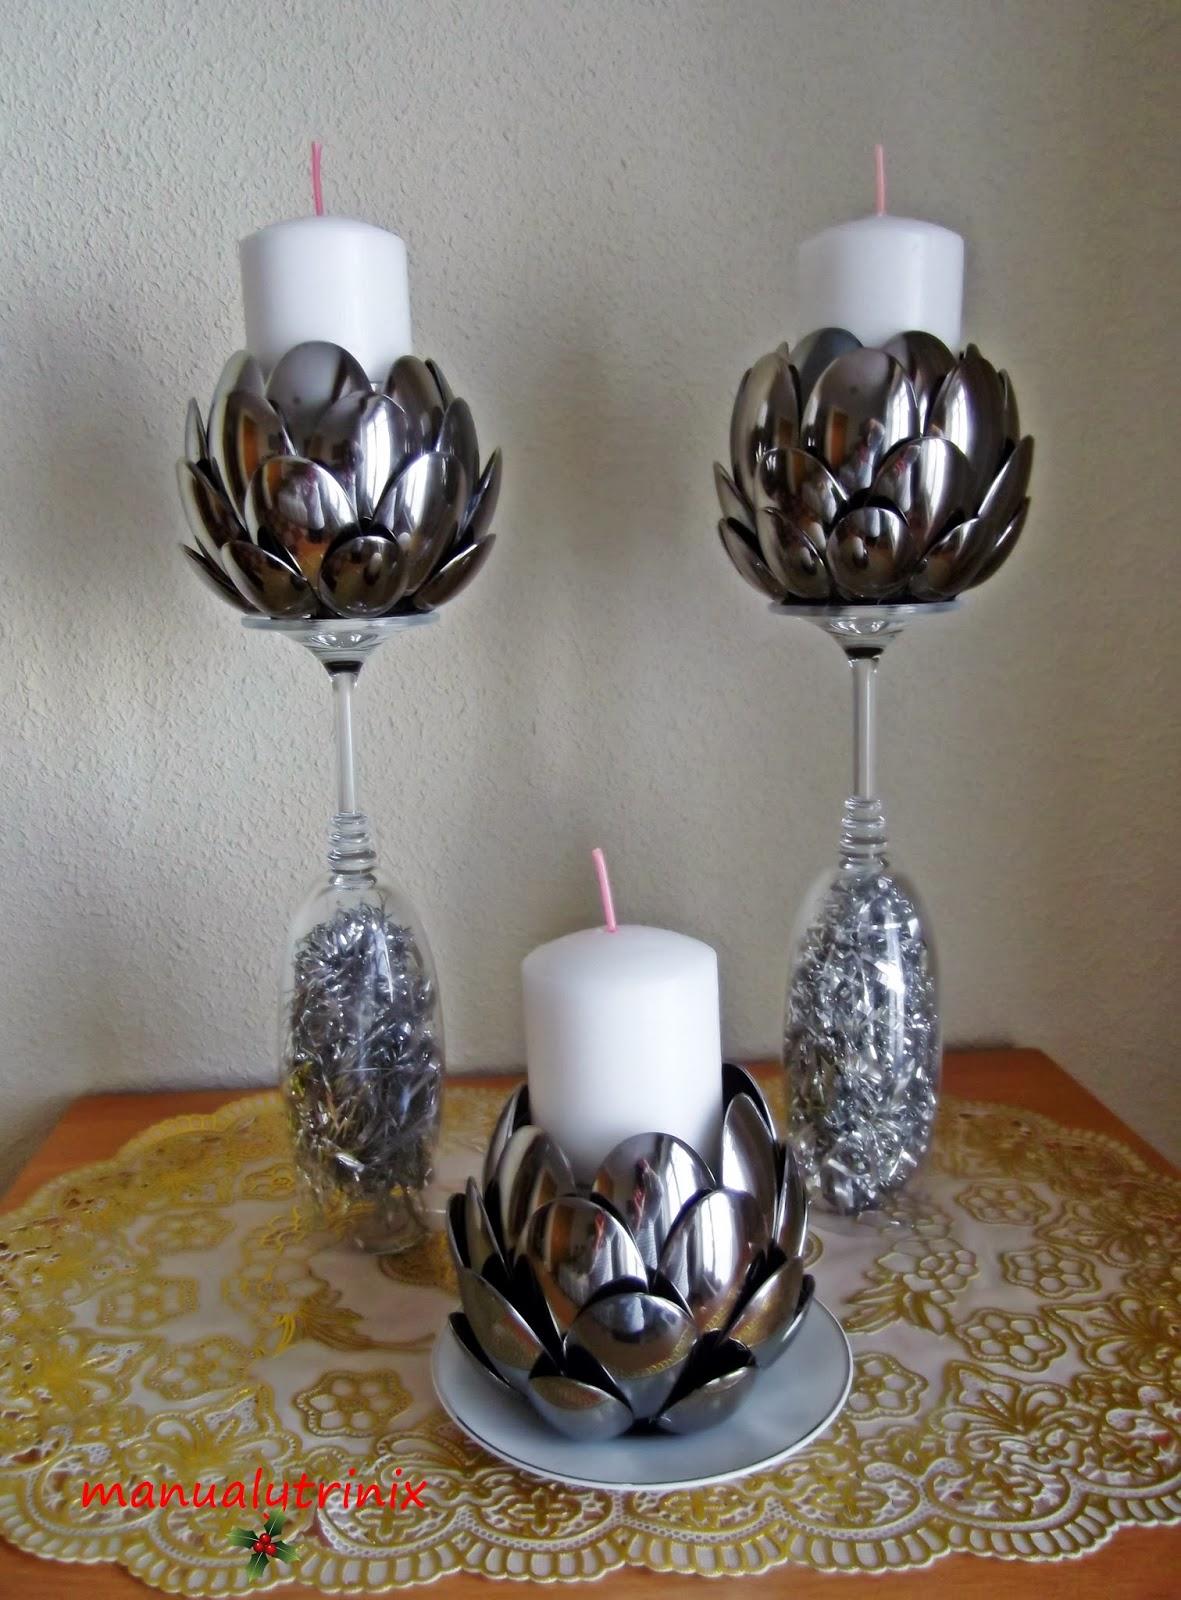 Manualidades manualytrinix portavelas de cucharas for Decoracion de espejo con material reciclable